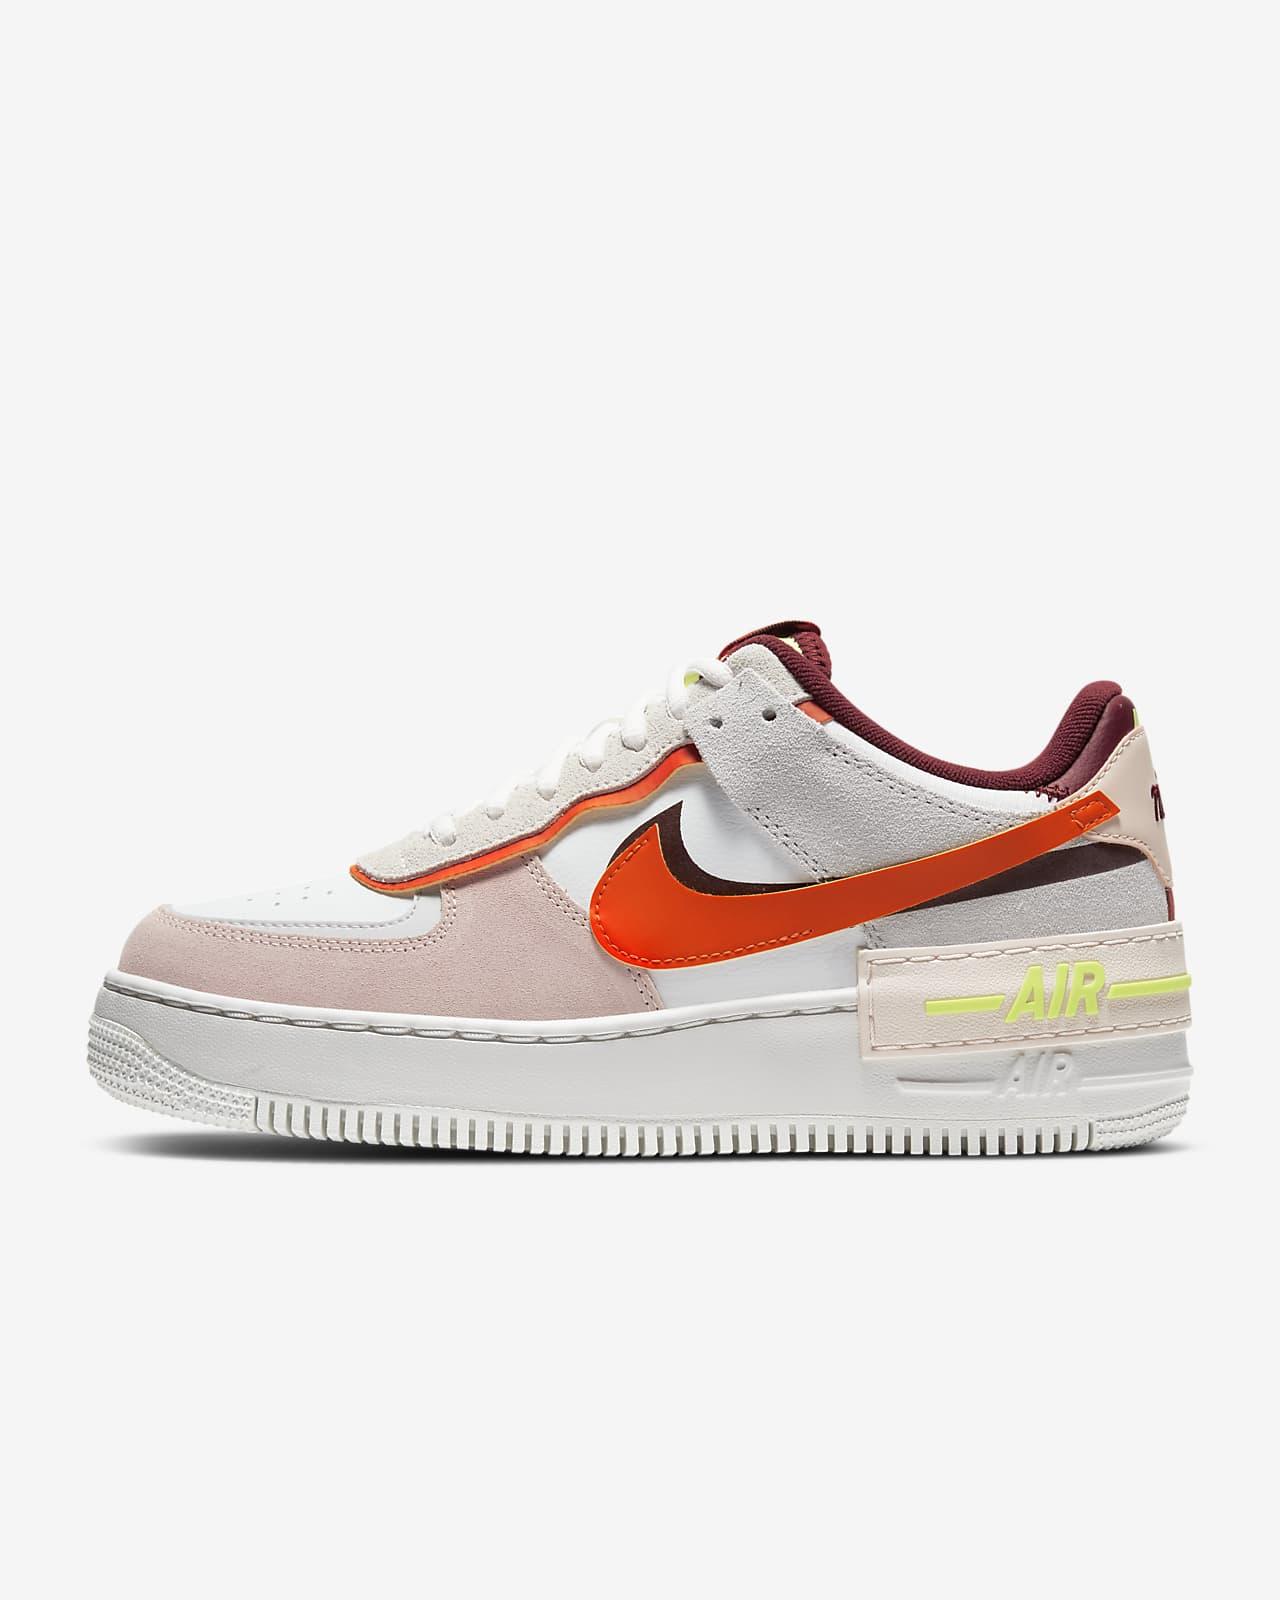 Nike AF1 Shadow 女子运动鞋